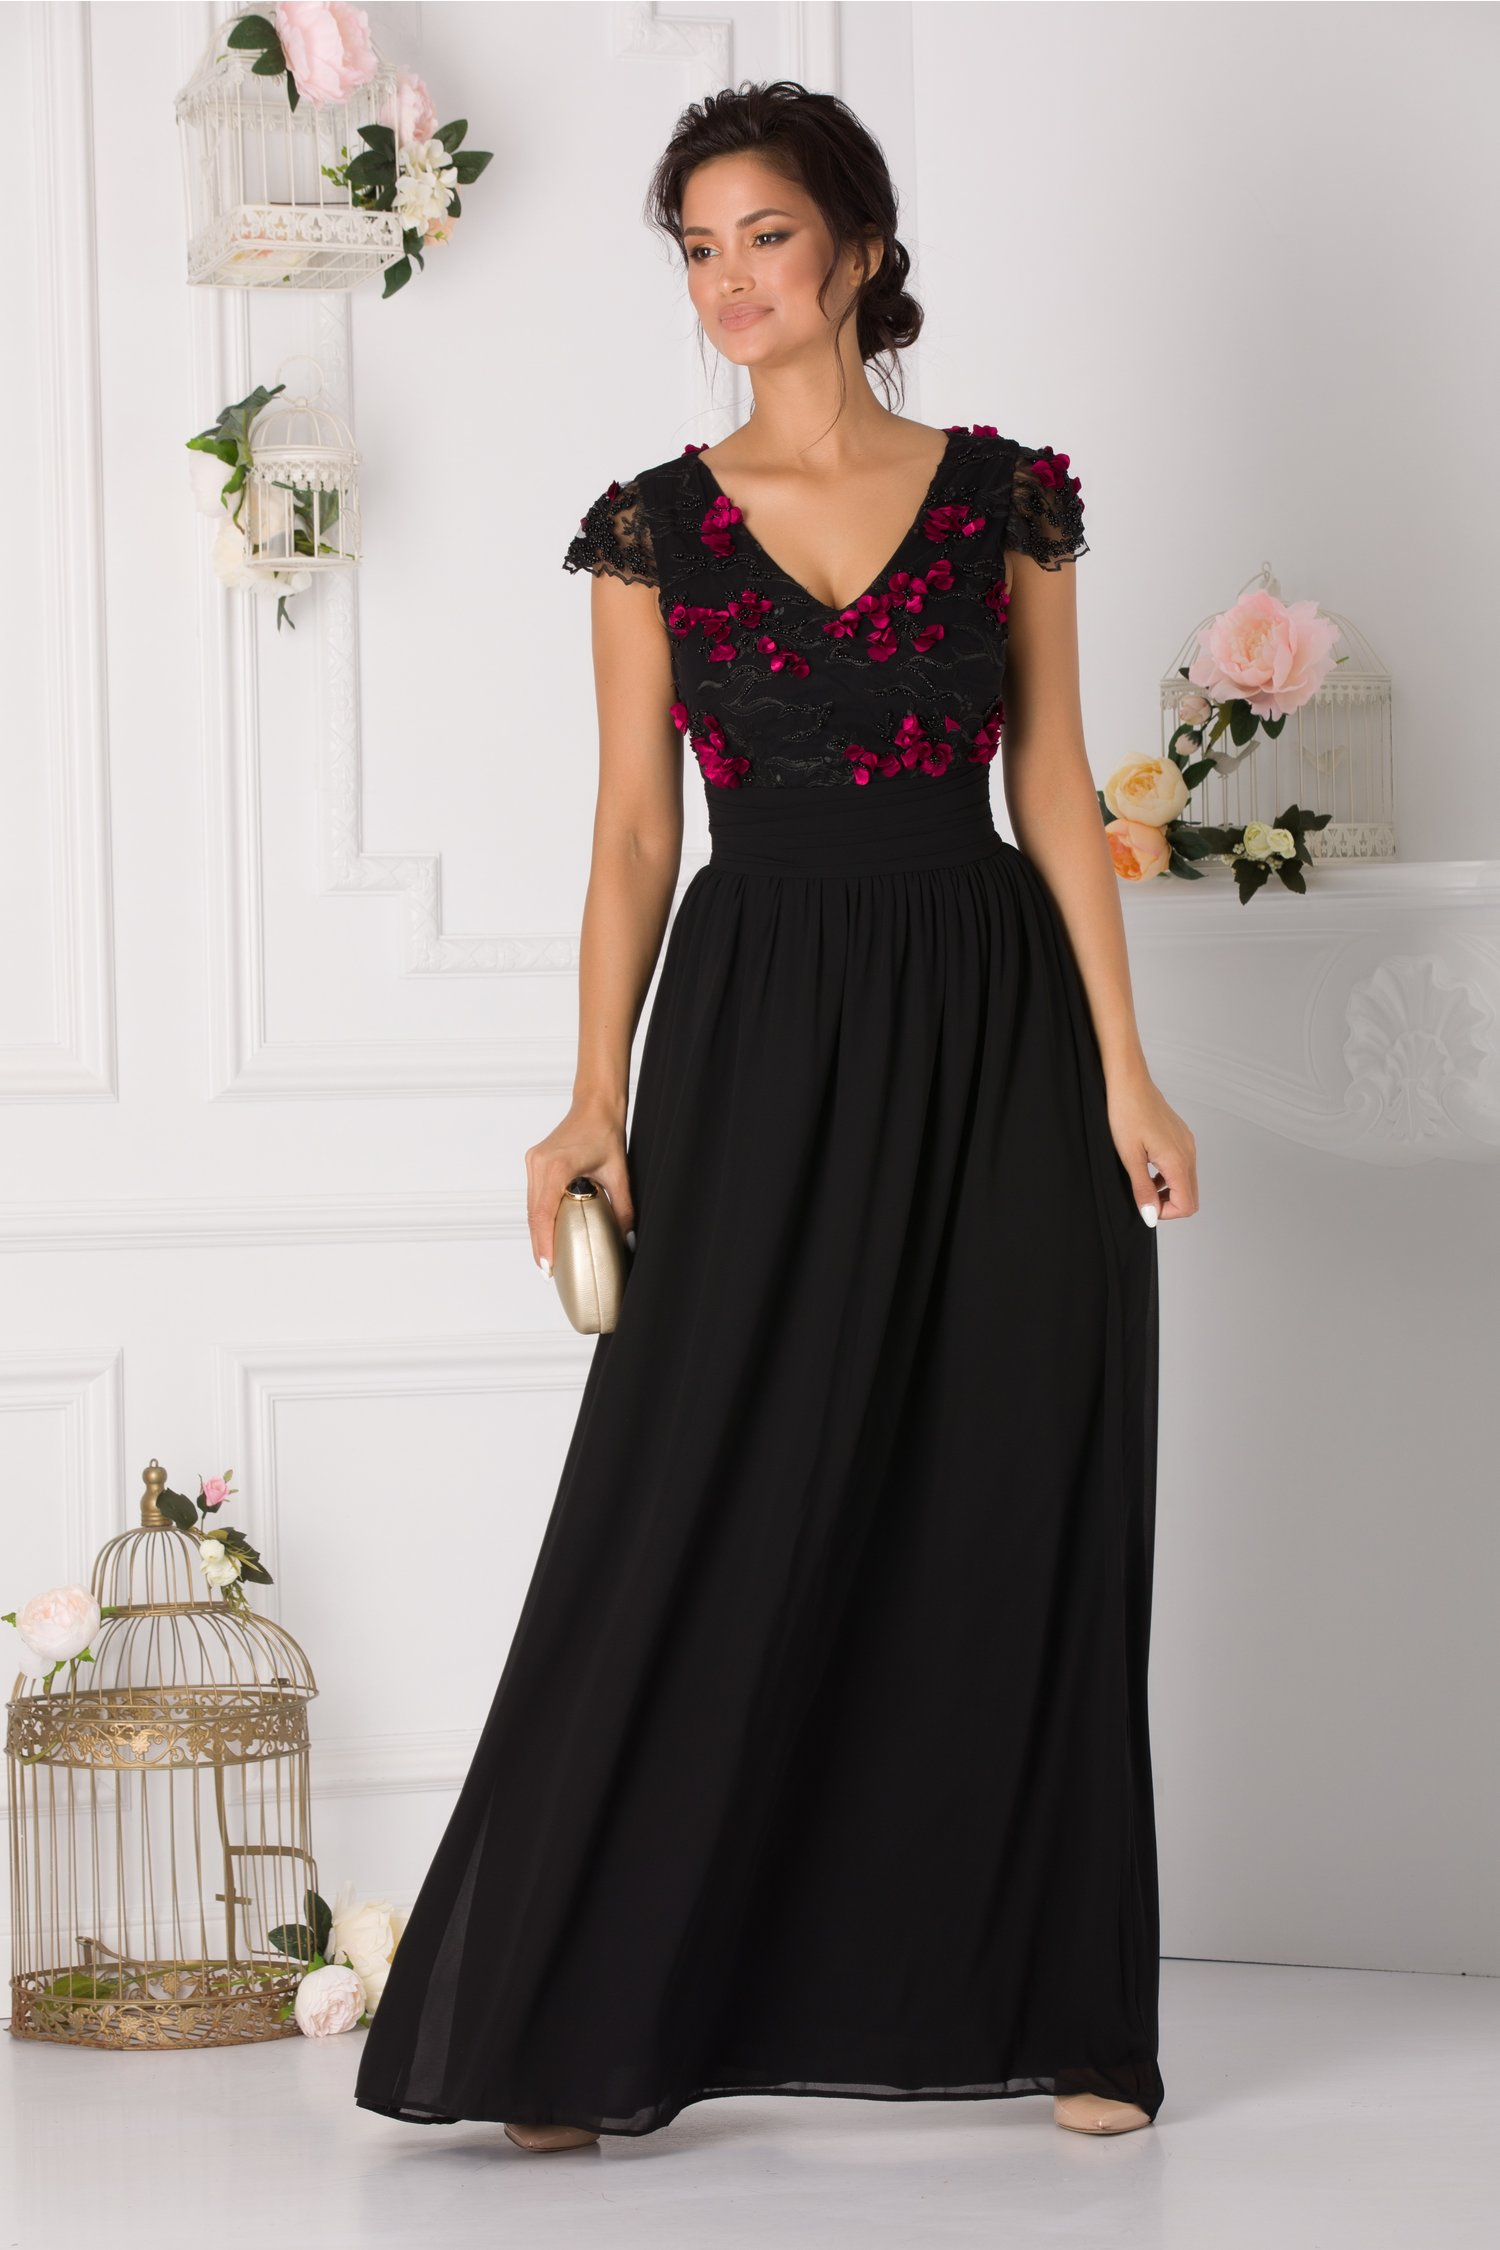 Rochie LaDonna Luna neagra lunga cu broderie florala 3D si margelute in zona bustului